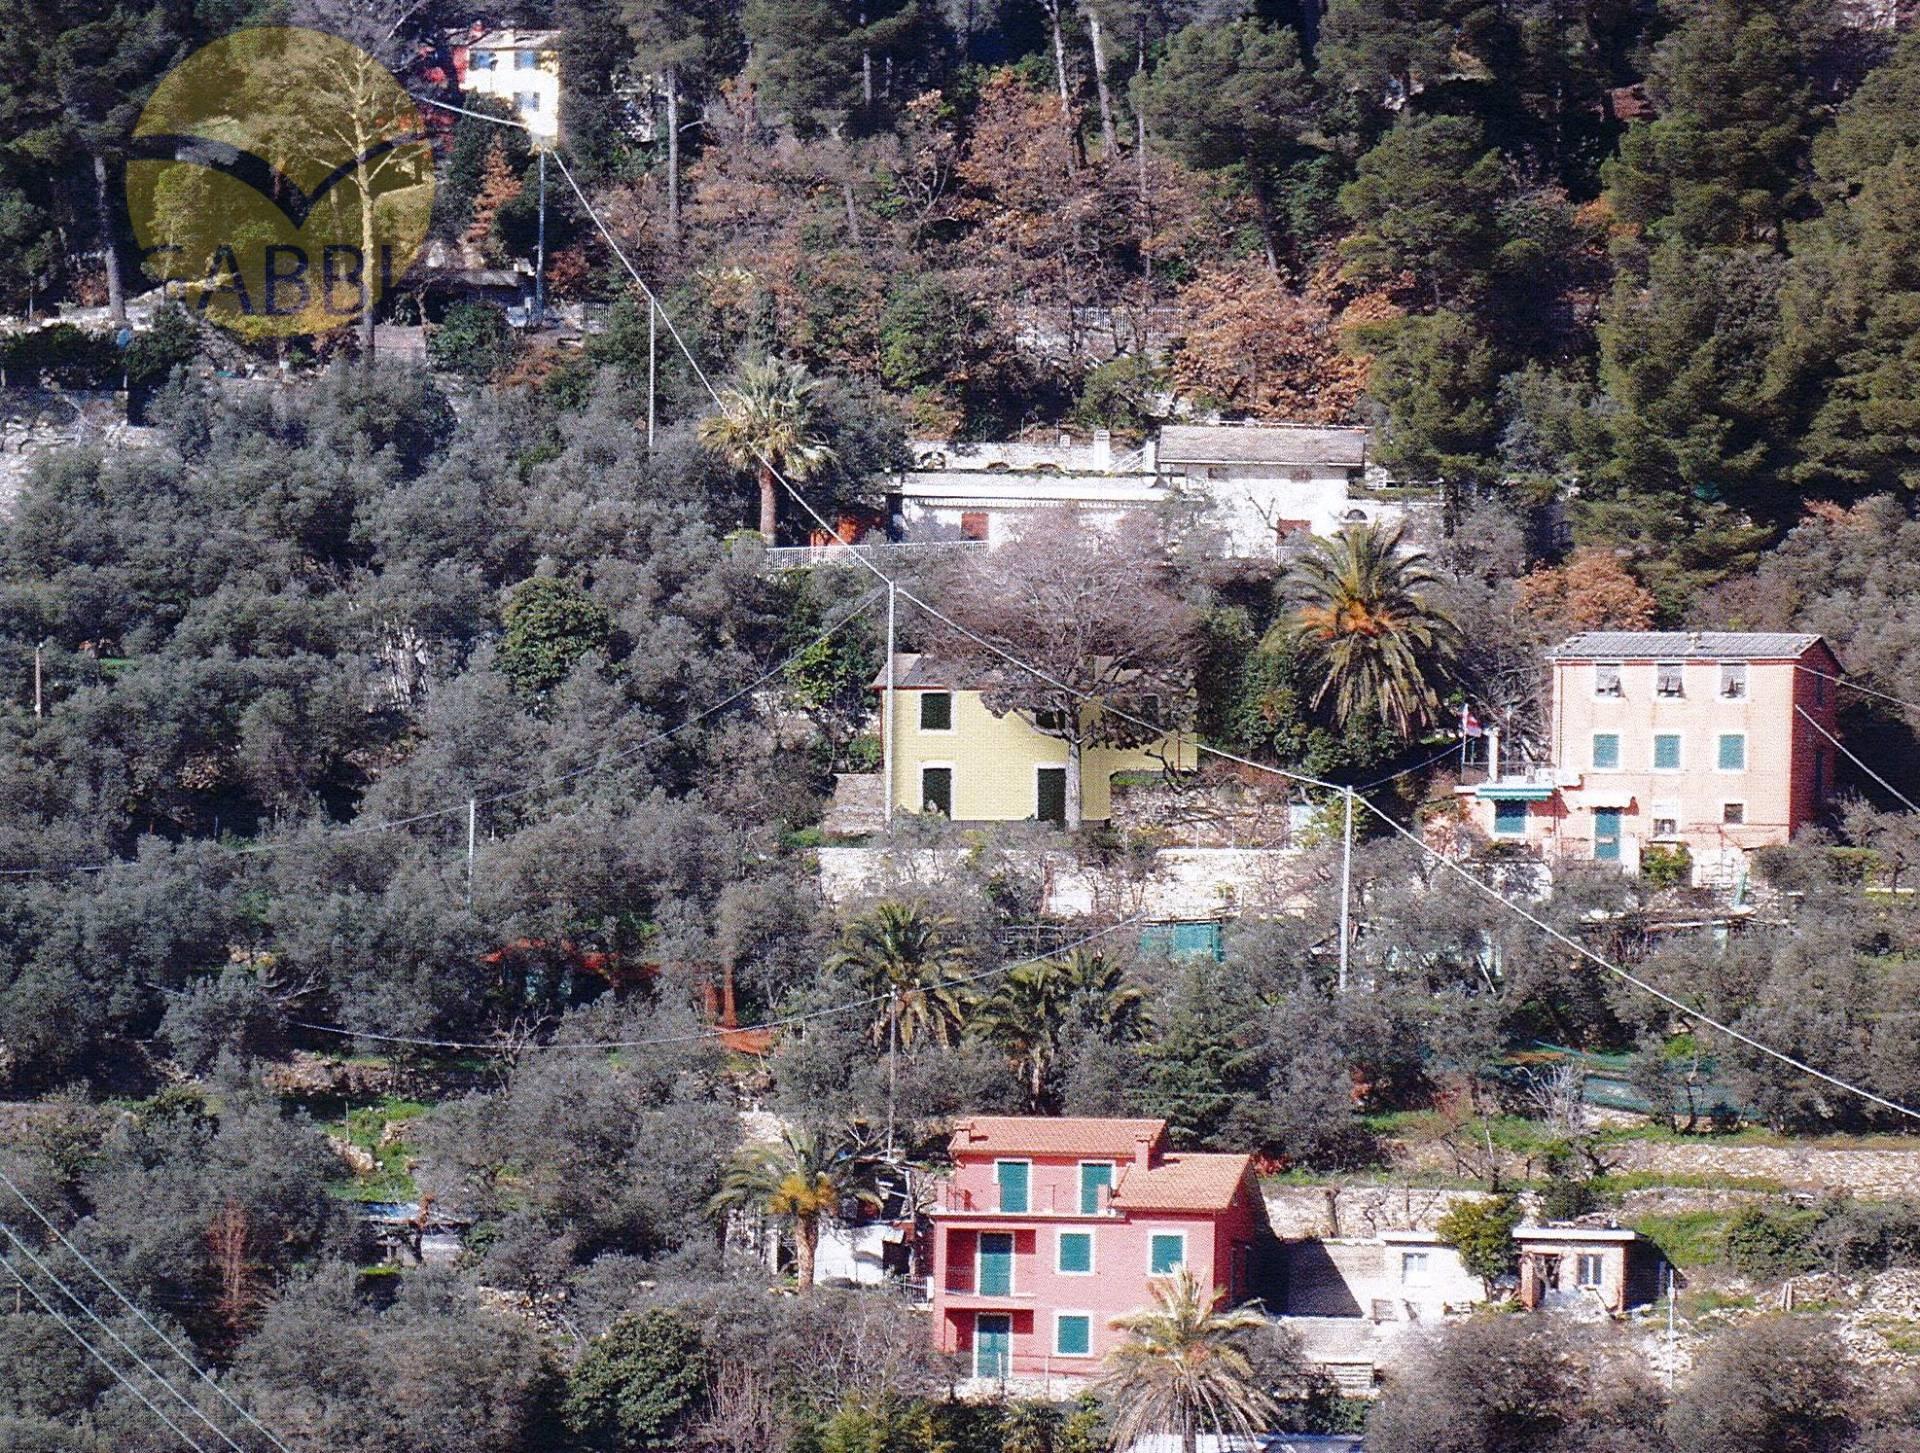 Soluzione Indipendente in vendita a Recco, 6 locali, zona Zona: Megli, prezzo € 150.000 | CambioCasa.it